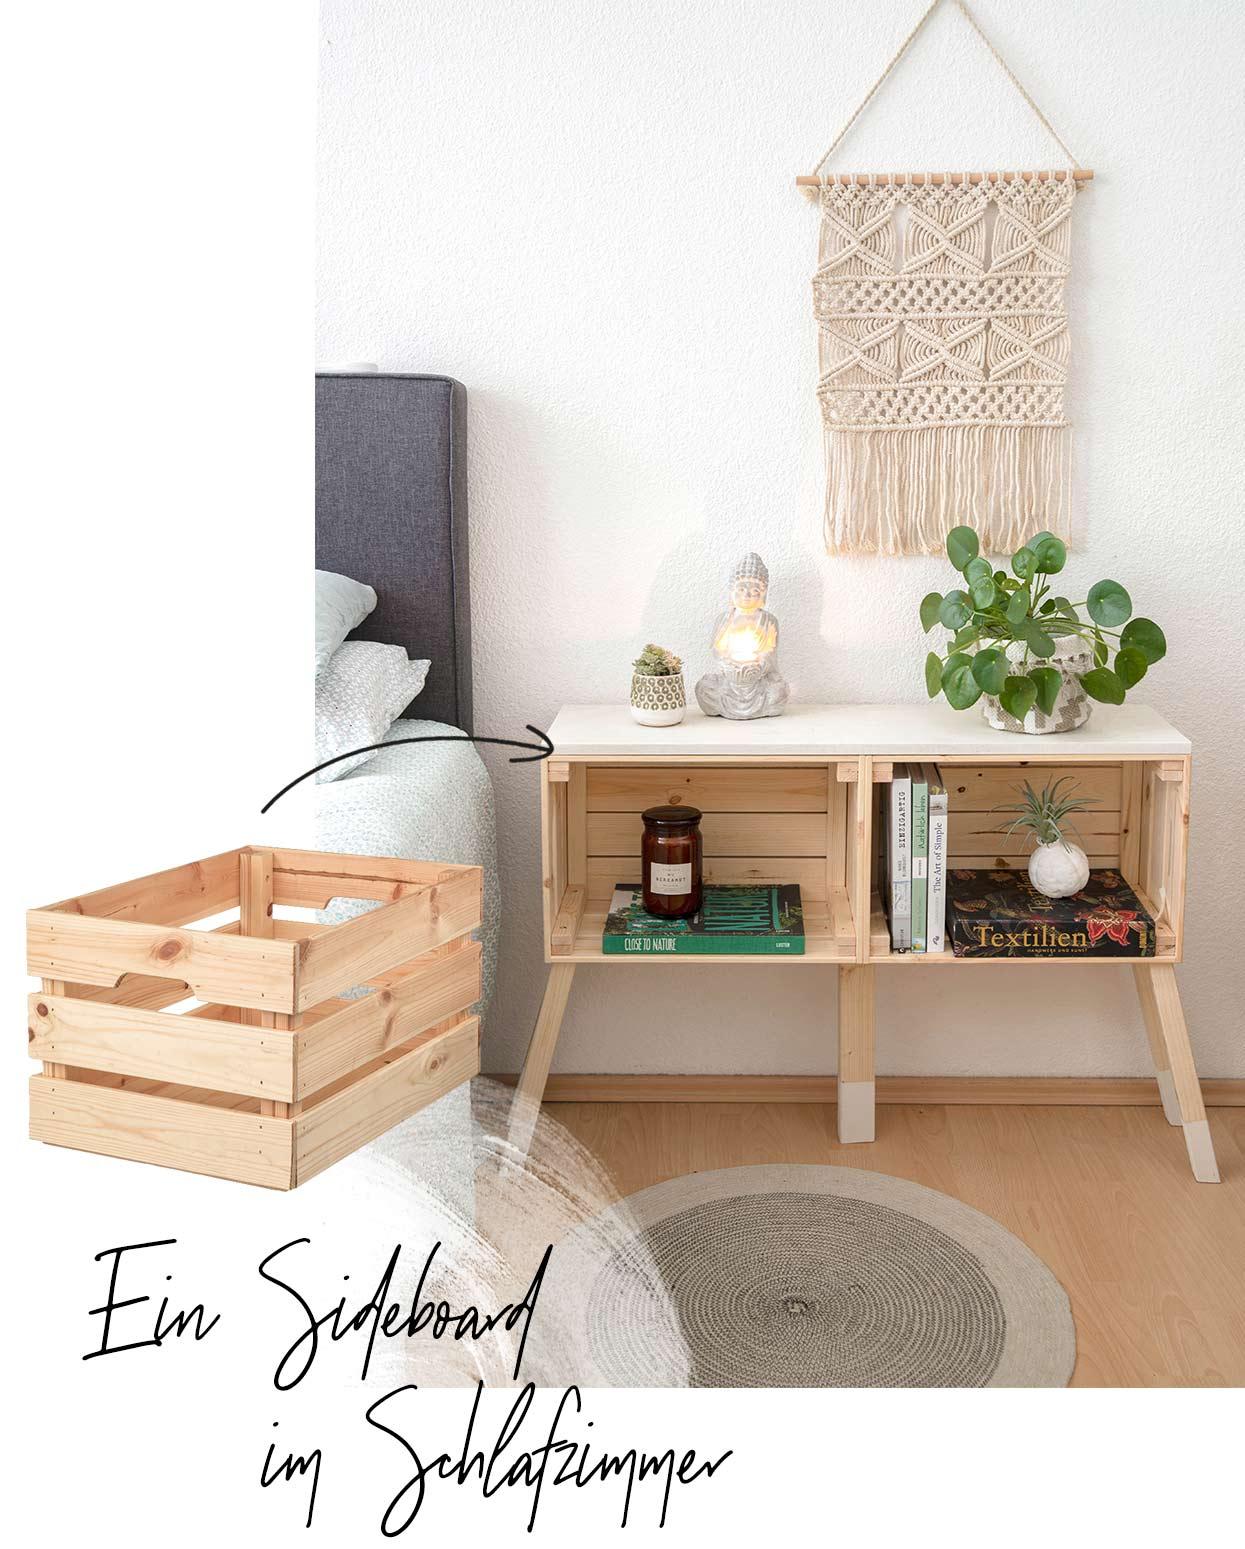 Full Size of Sideboard Ikea Mit Kisten Selber Bauen Wohnklamotte Küche Arbeitsplatte Kosten Miniküche Kaufen Sofa Schlaffunktion Betten Bei Wohnzimmer 160x200 Modulküche Wohnzimmer Sideboard Ikea